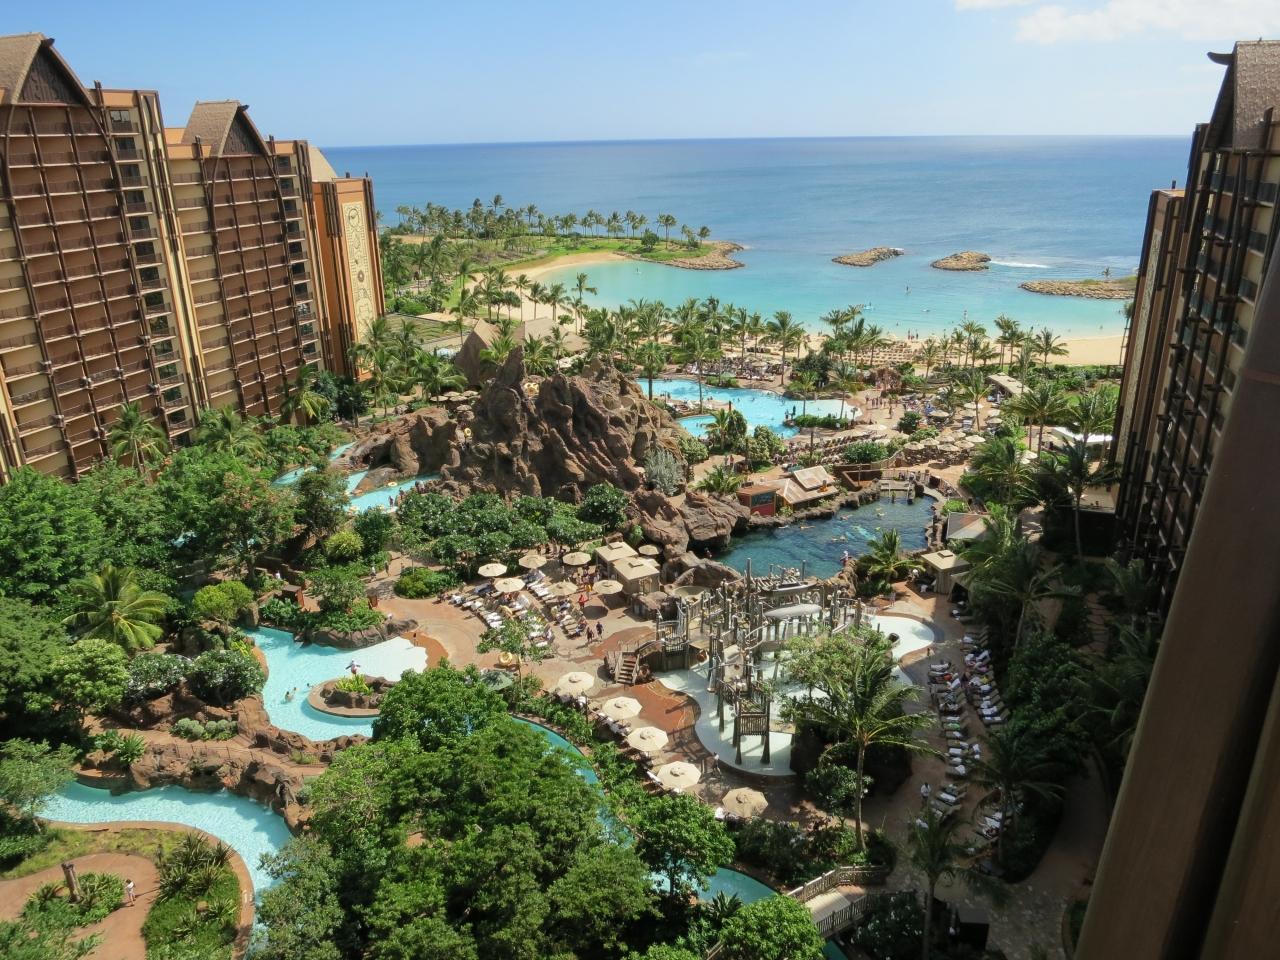 夏のハワイ旅行2012(2)アウラニ ディズニーホテル』オアフ島